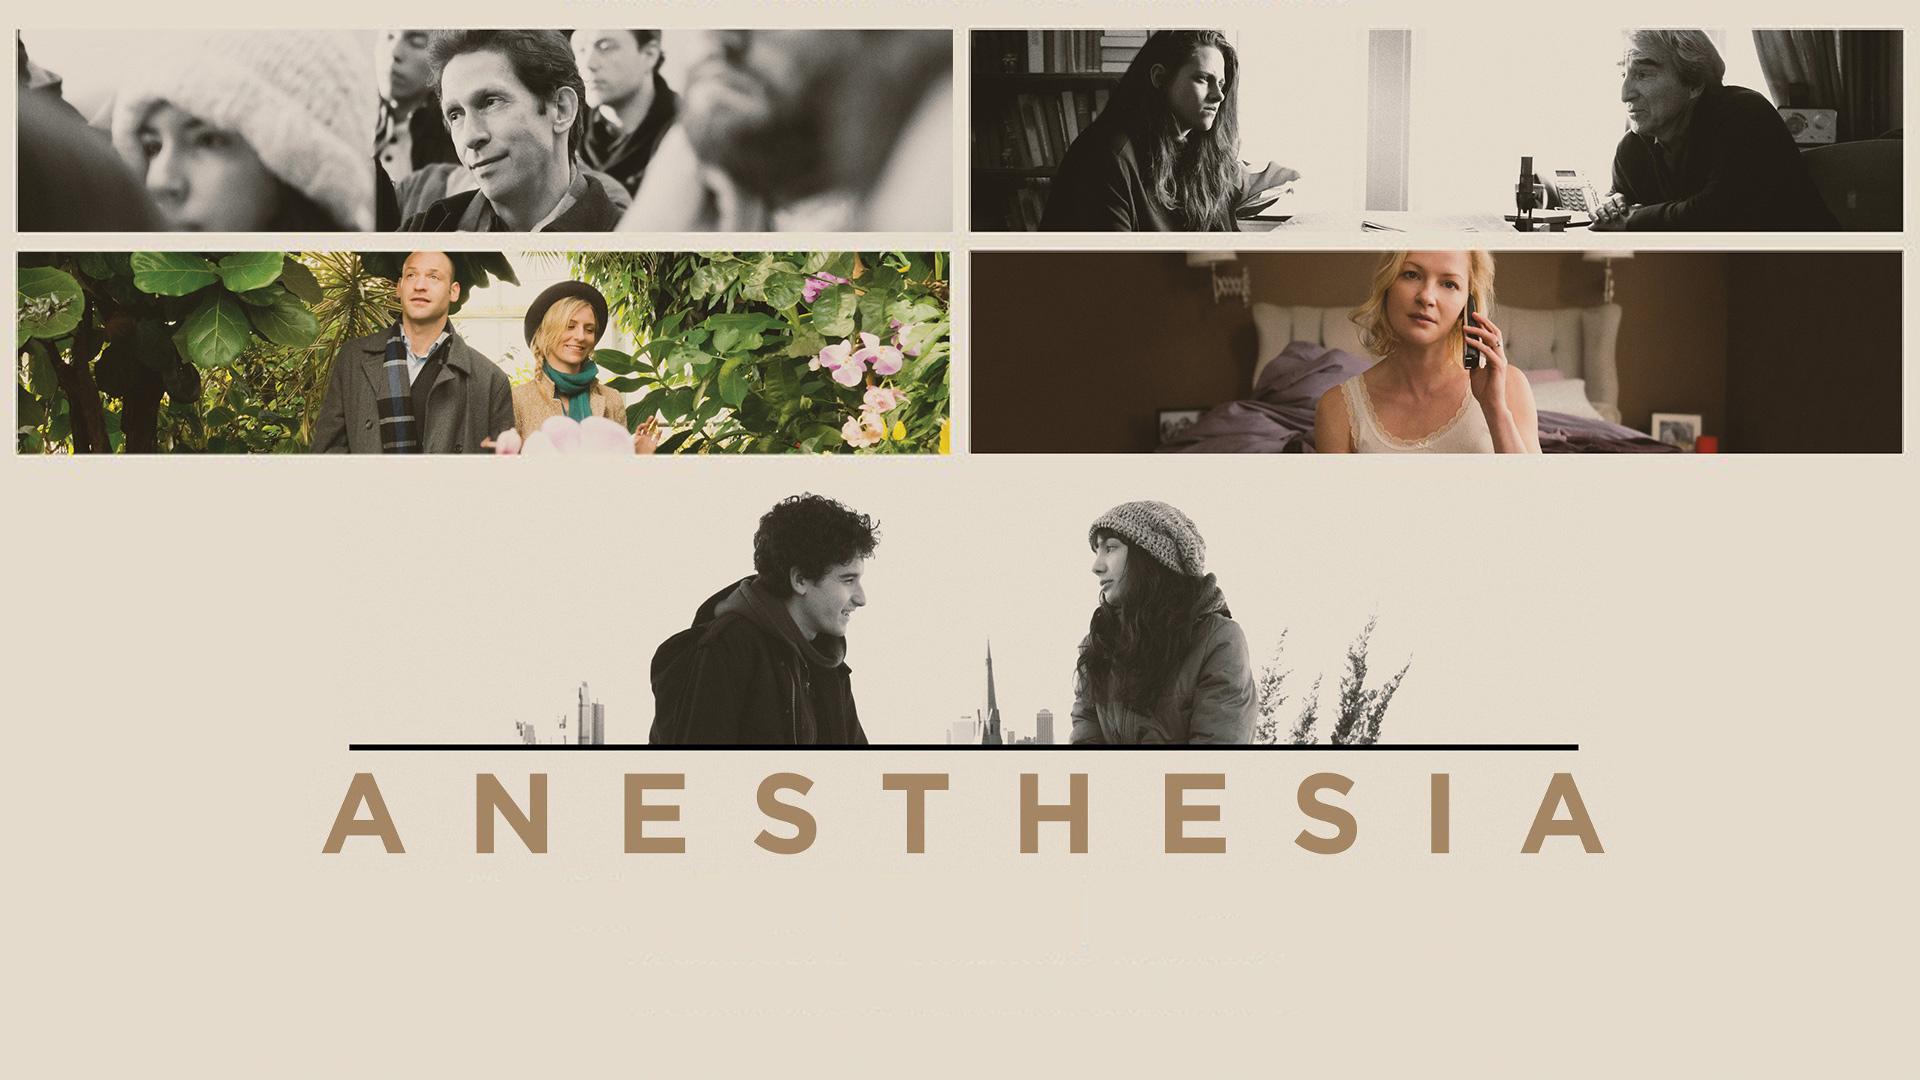 Anesthesia